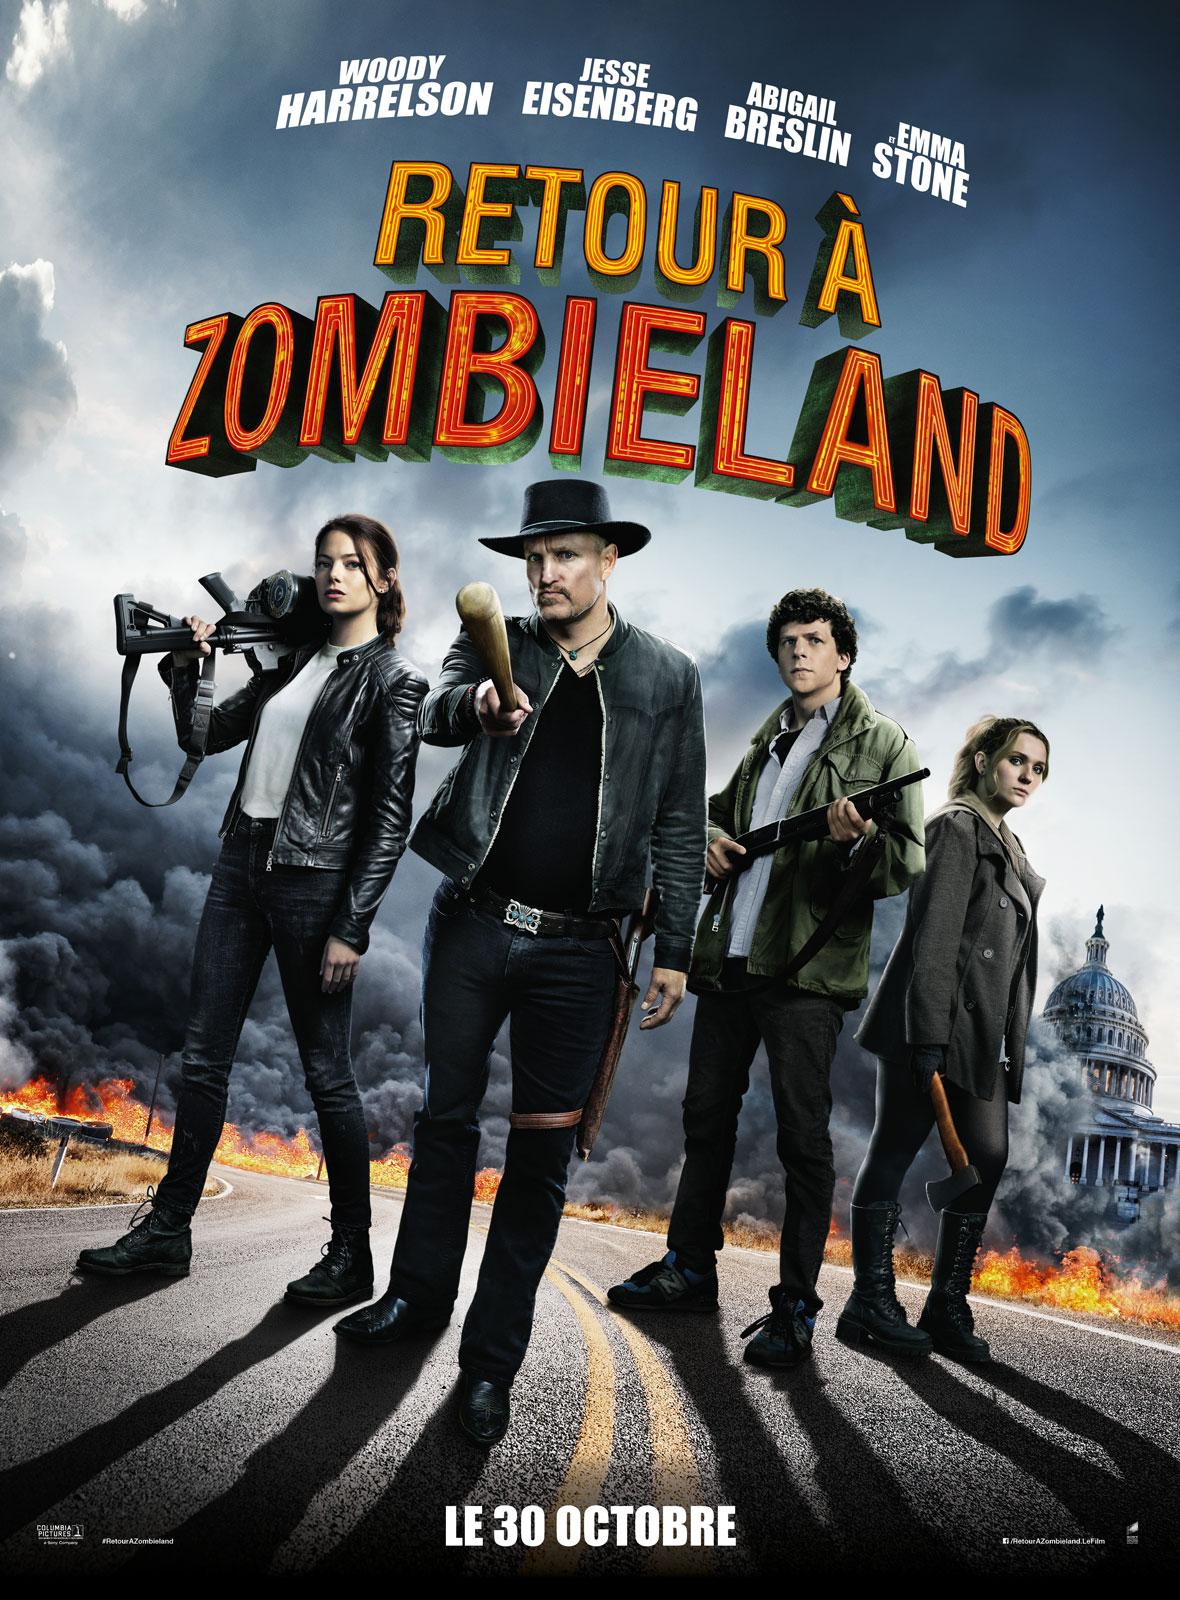 Achat Retour à Zombieland en DVD - AlloCiné